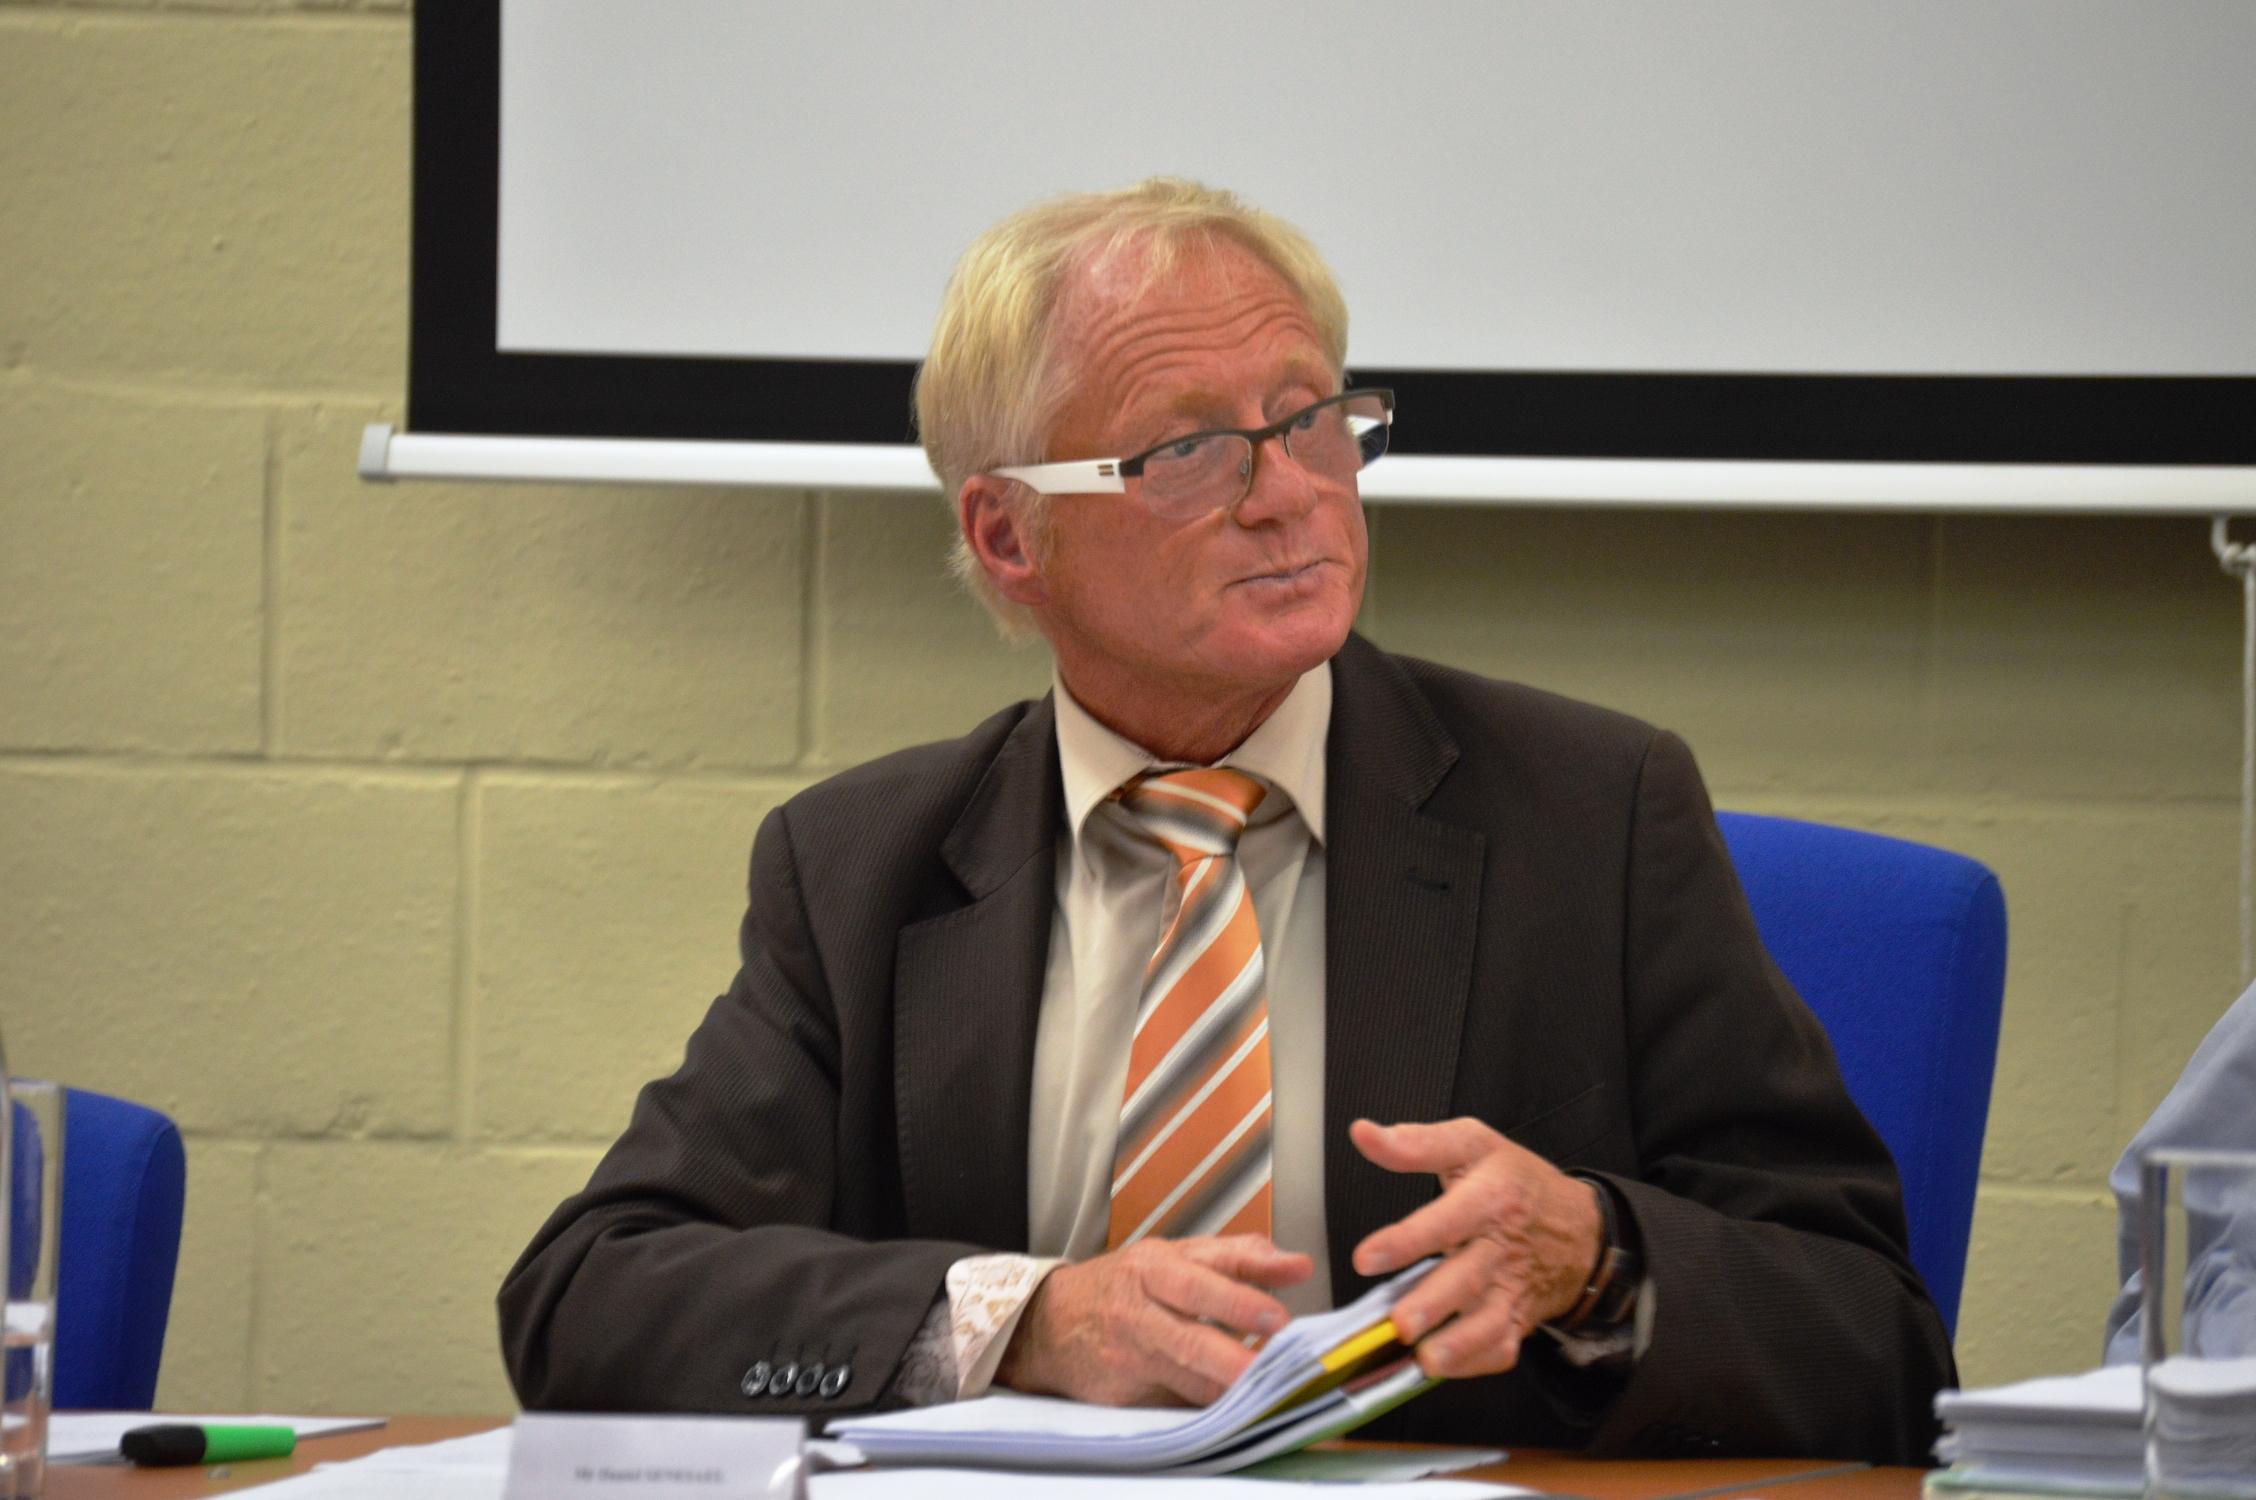 Estaimpuis : Réponse du Bourgmestre aux questions de P Van Honacker(cdH)  lors du conseil communal du 30 mai - Blog Estaimpuis